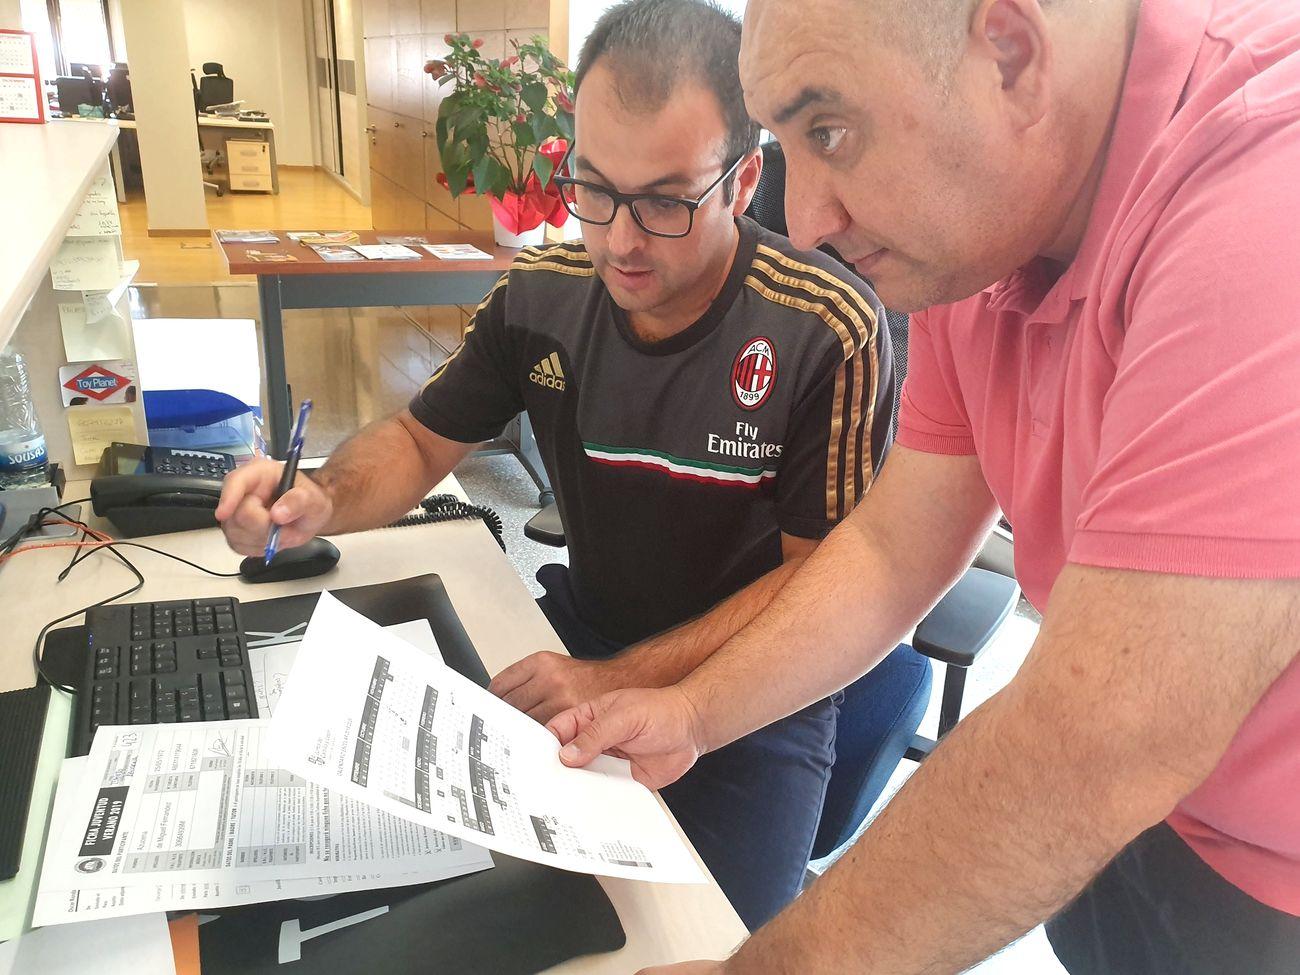 La Concejalía de Juventud de Villaquilambre recibe más de 170 propuestas para confeccionar su programa 2019-2020